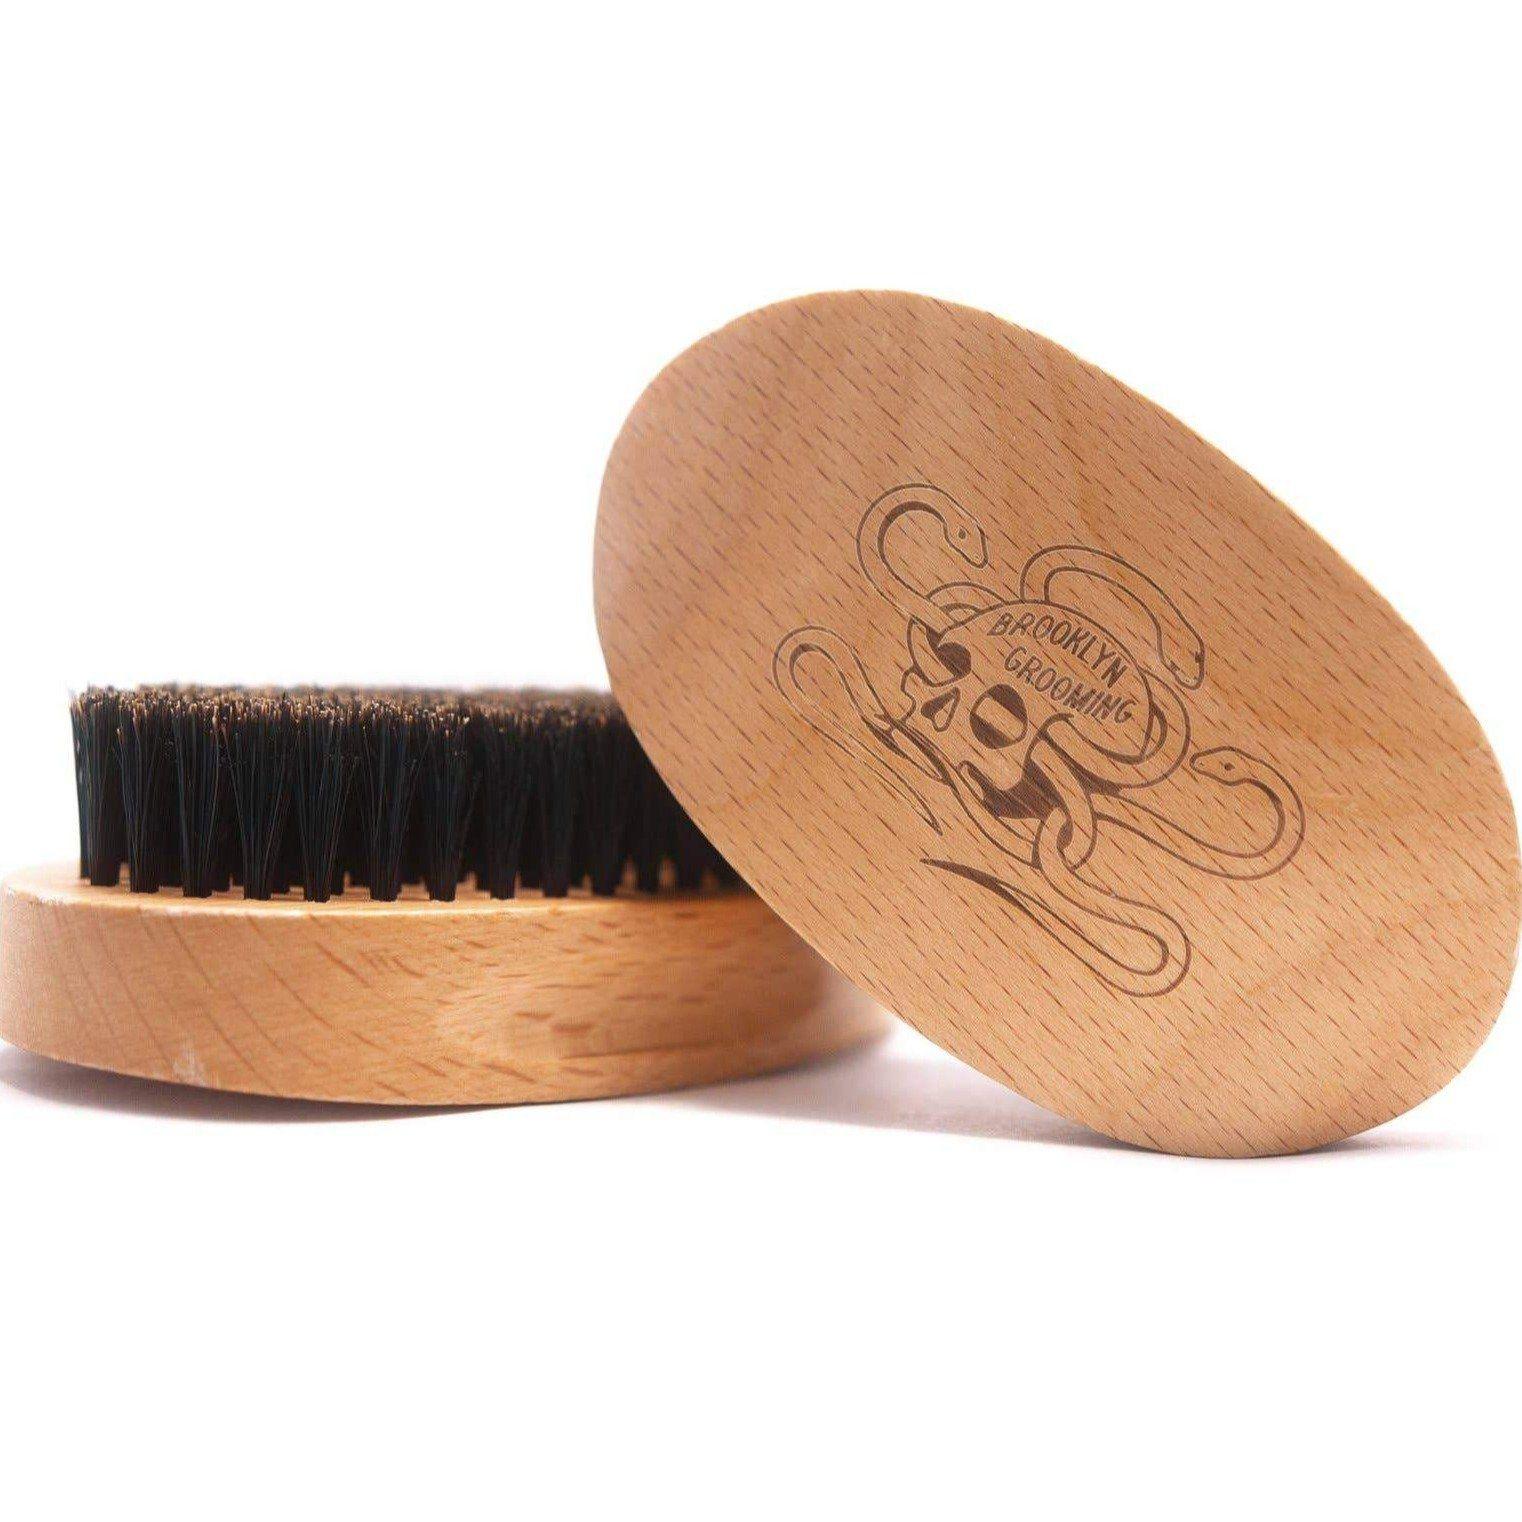 Beard Brush Beechwood And Boar Bristle In 2021 Boar Bristle Beard Brush Boar Bristle Brush